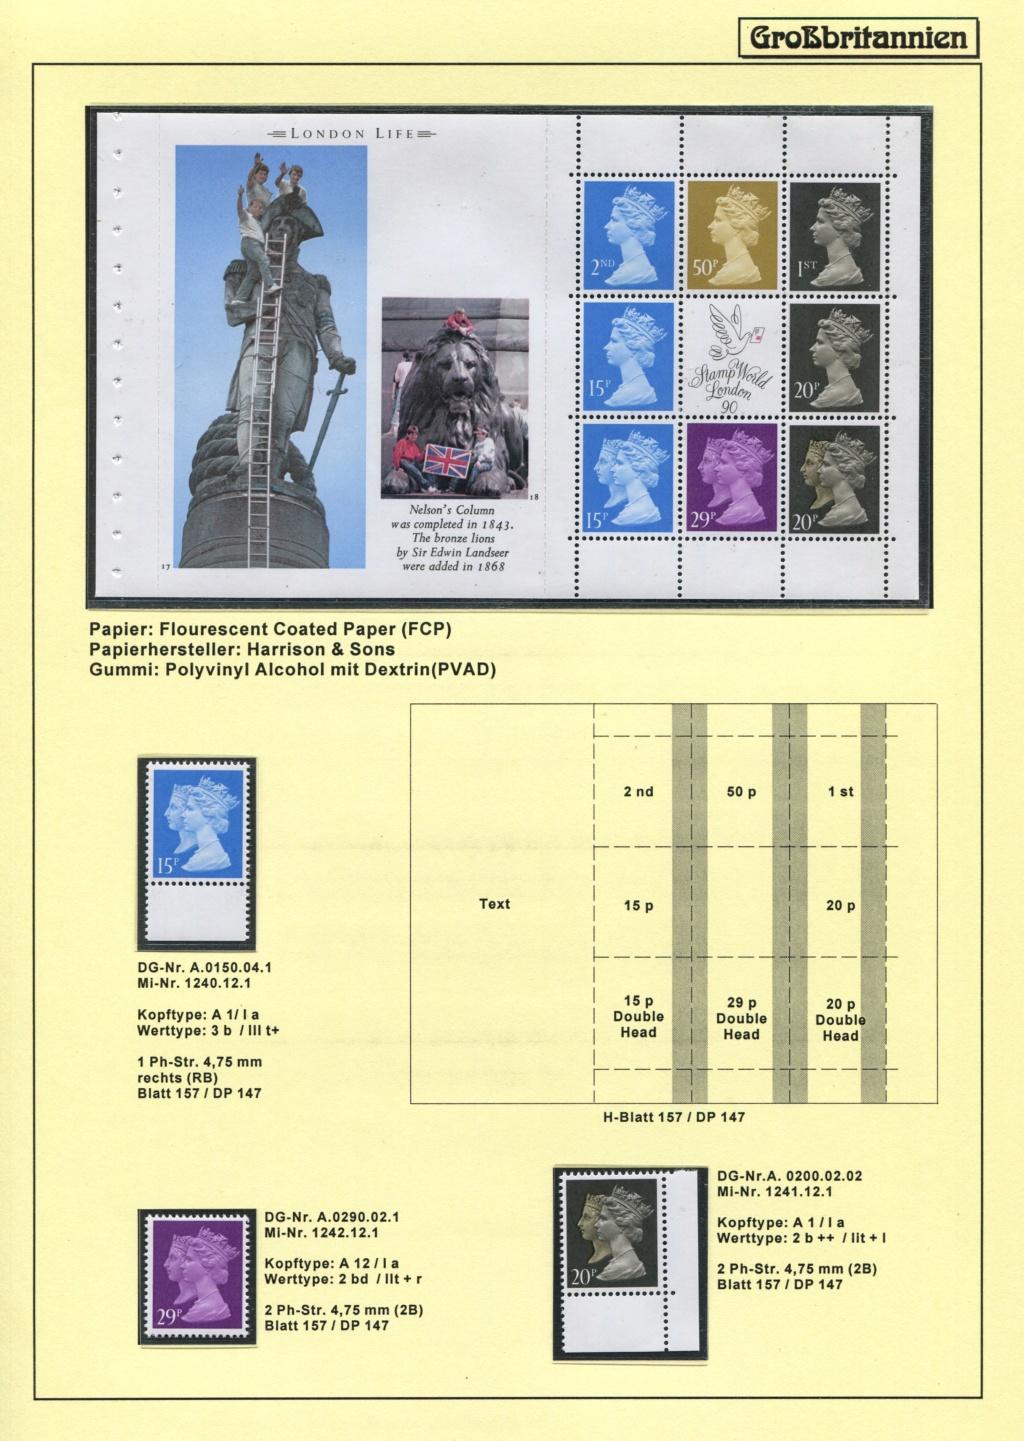 Großbritannien - 150 Jahre Briefmarken Black_35